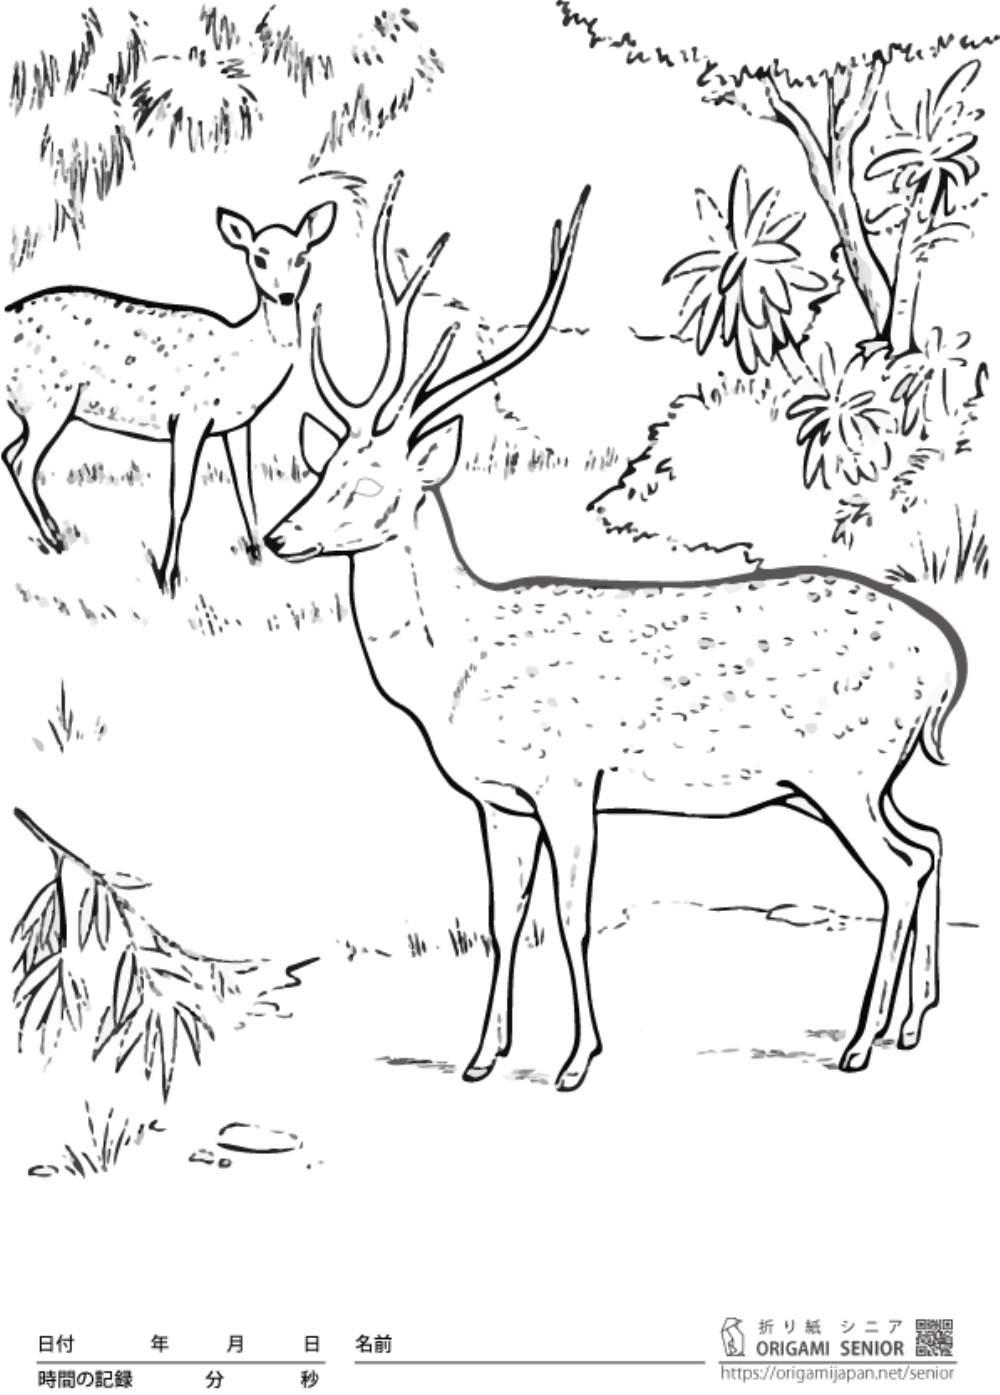 大人の塗り絵 鹿 無料プリント高齢者の脳トレレク